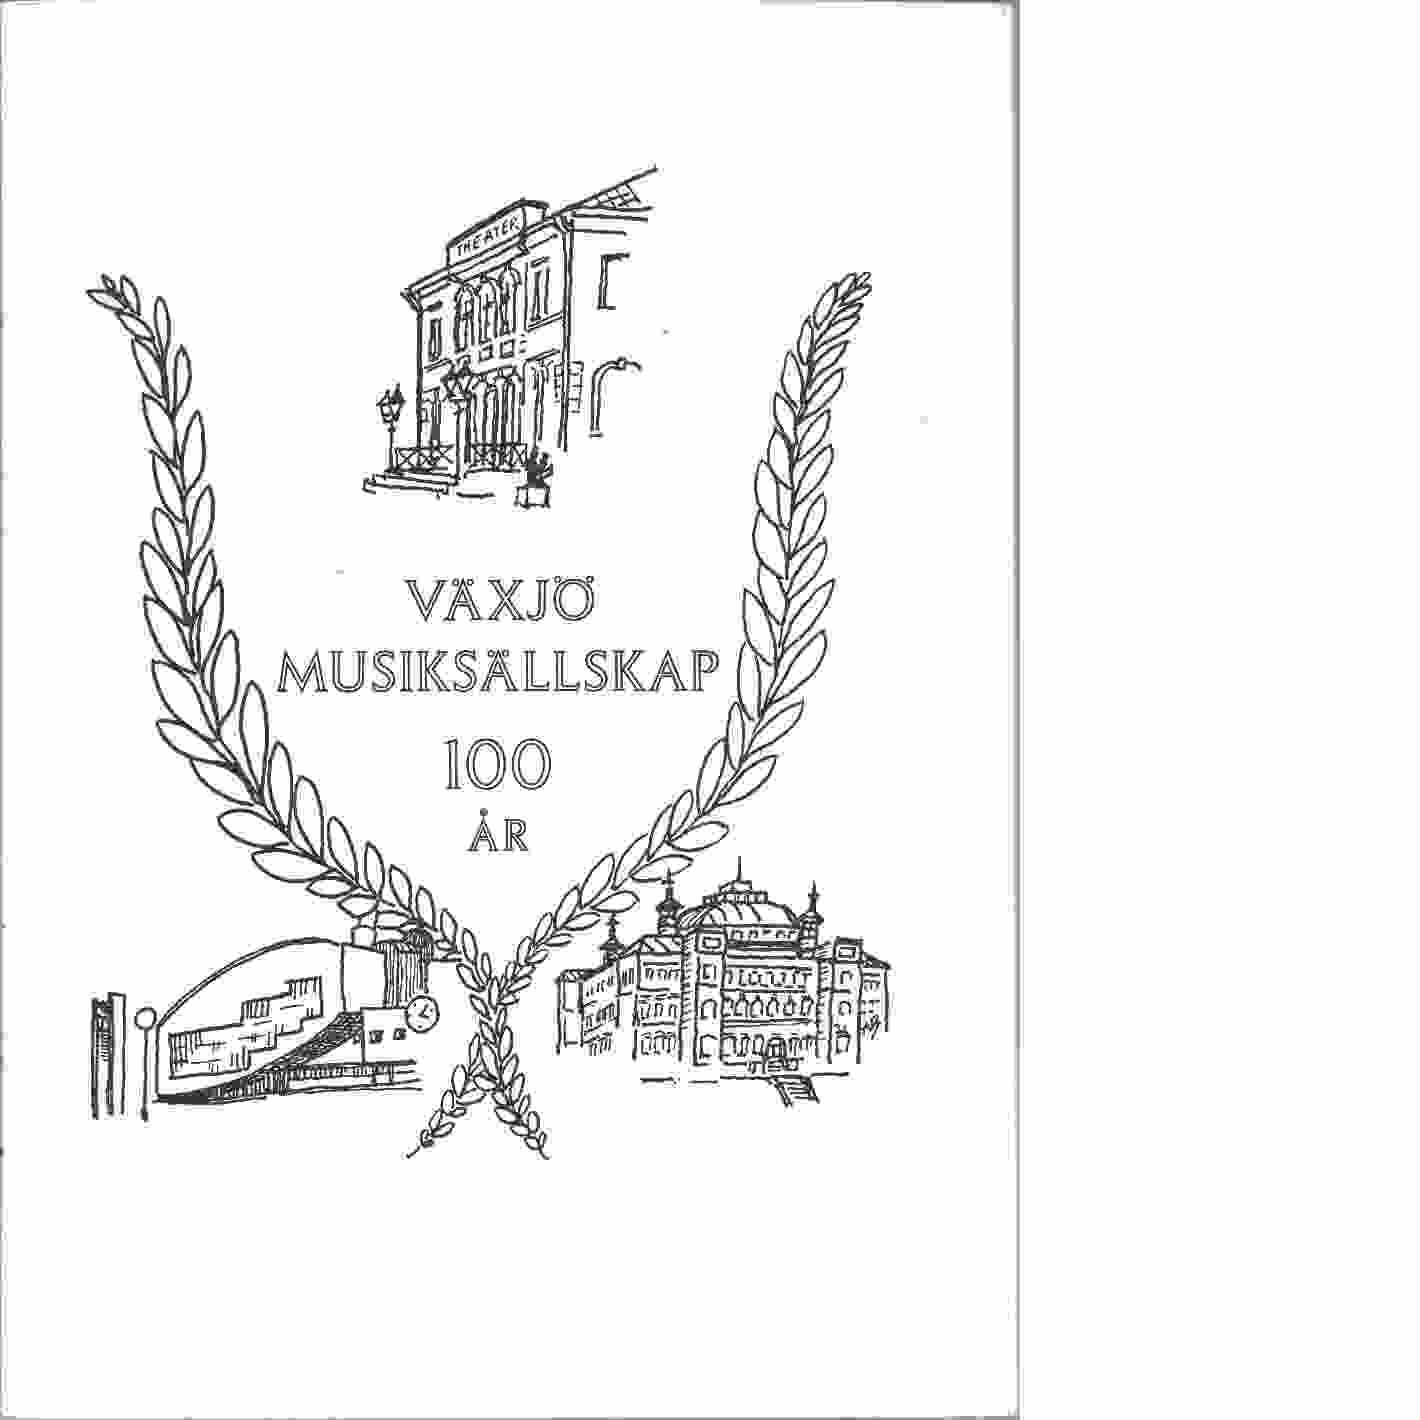 Växjö musiksällskap 100 år : en krönika på uppdrag av dess styrelse sammanställd  - Leijonhufvud, Ellen